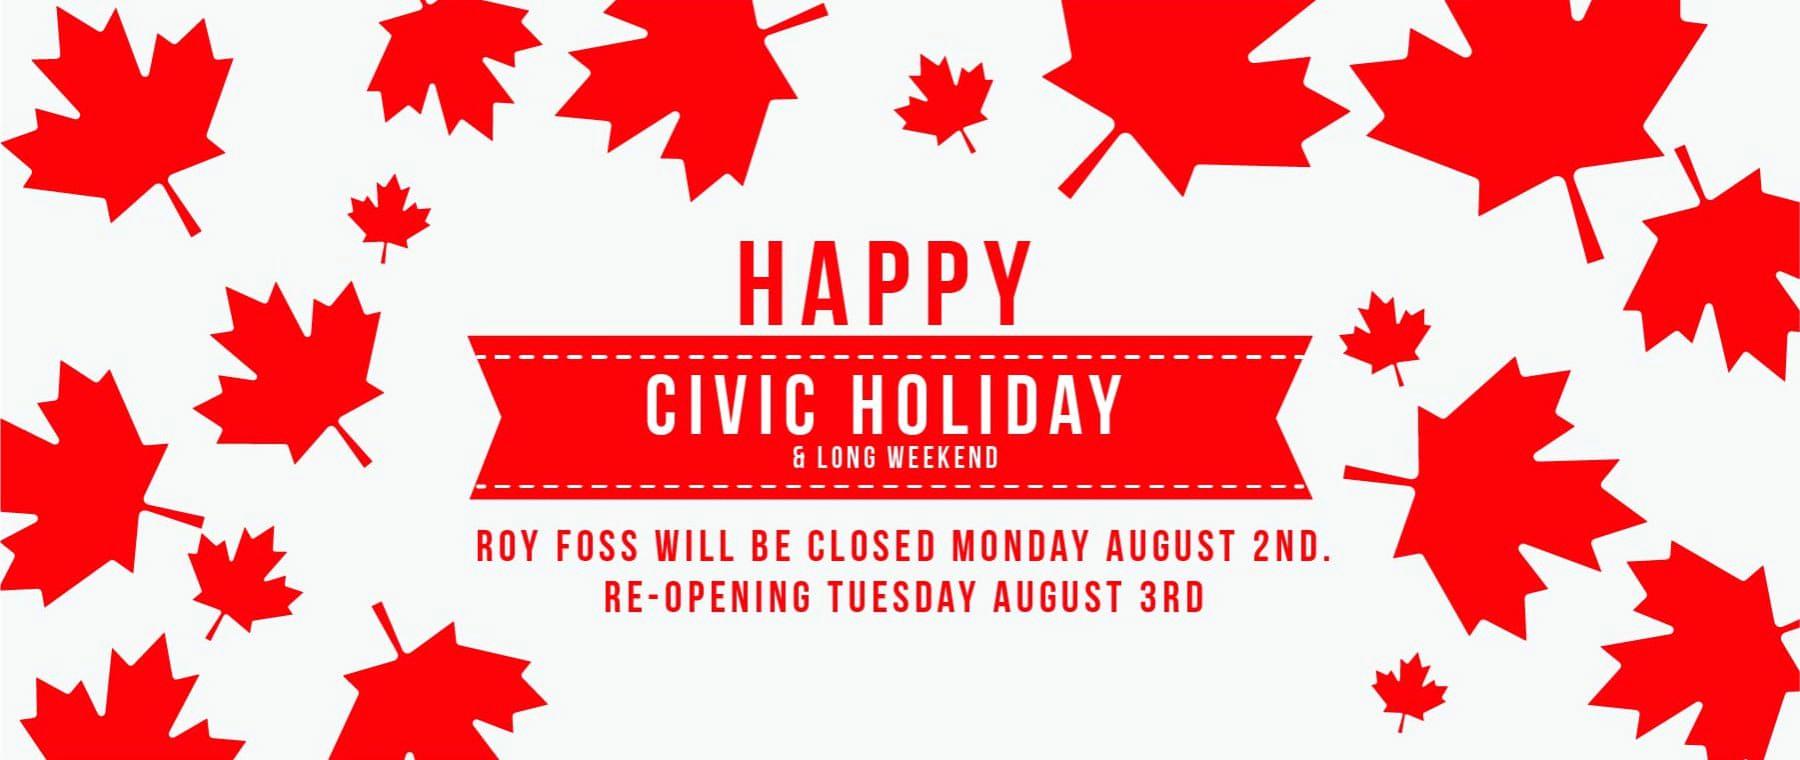 Roy Foss CBG – Civic Holiday